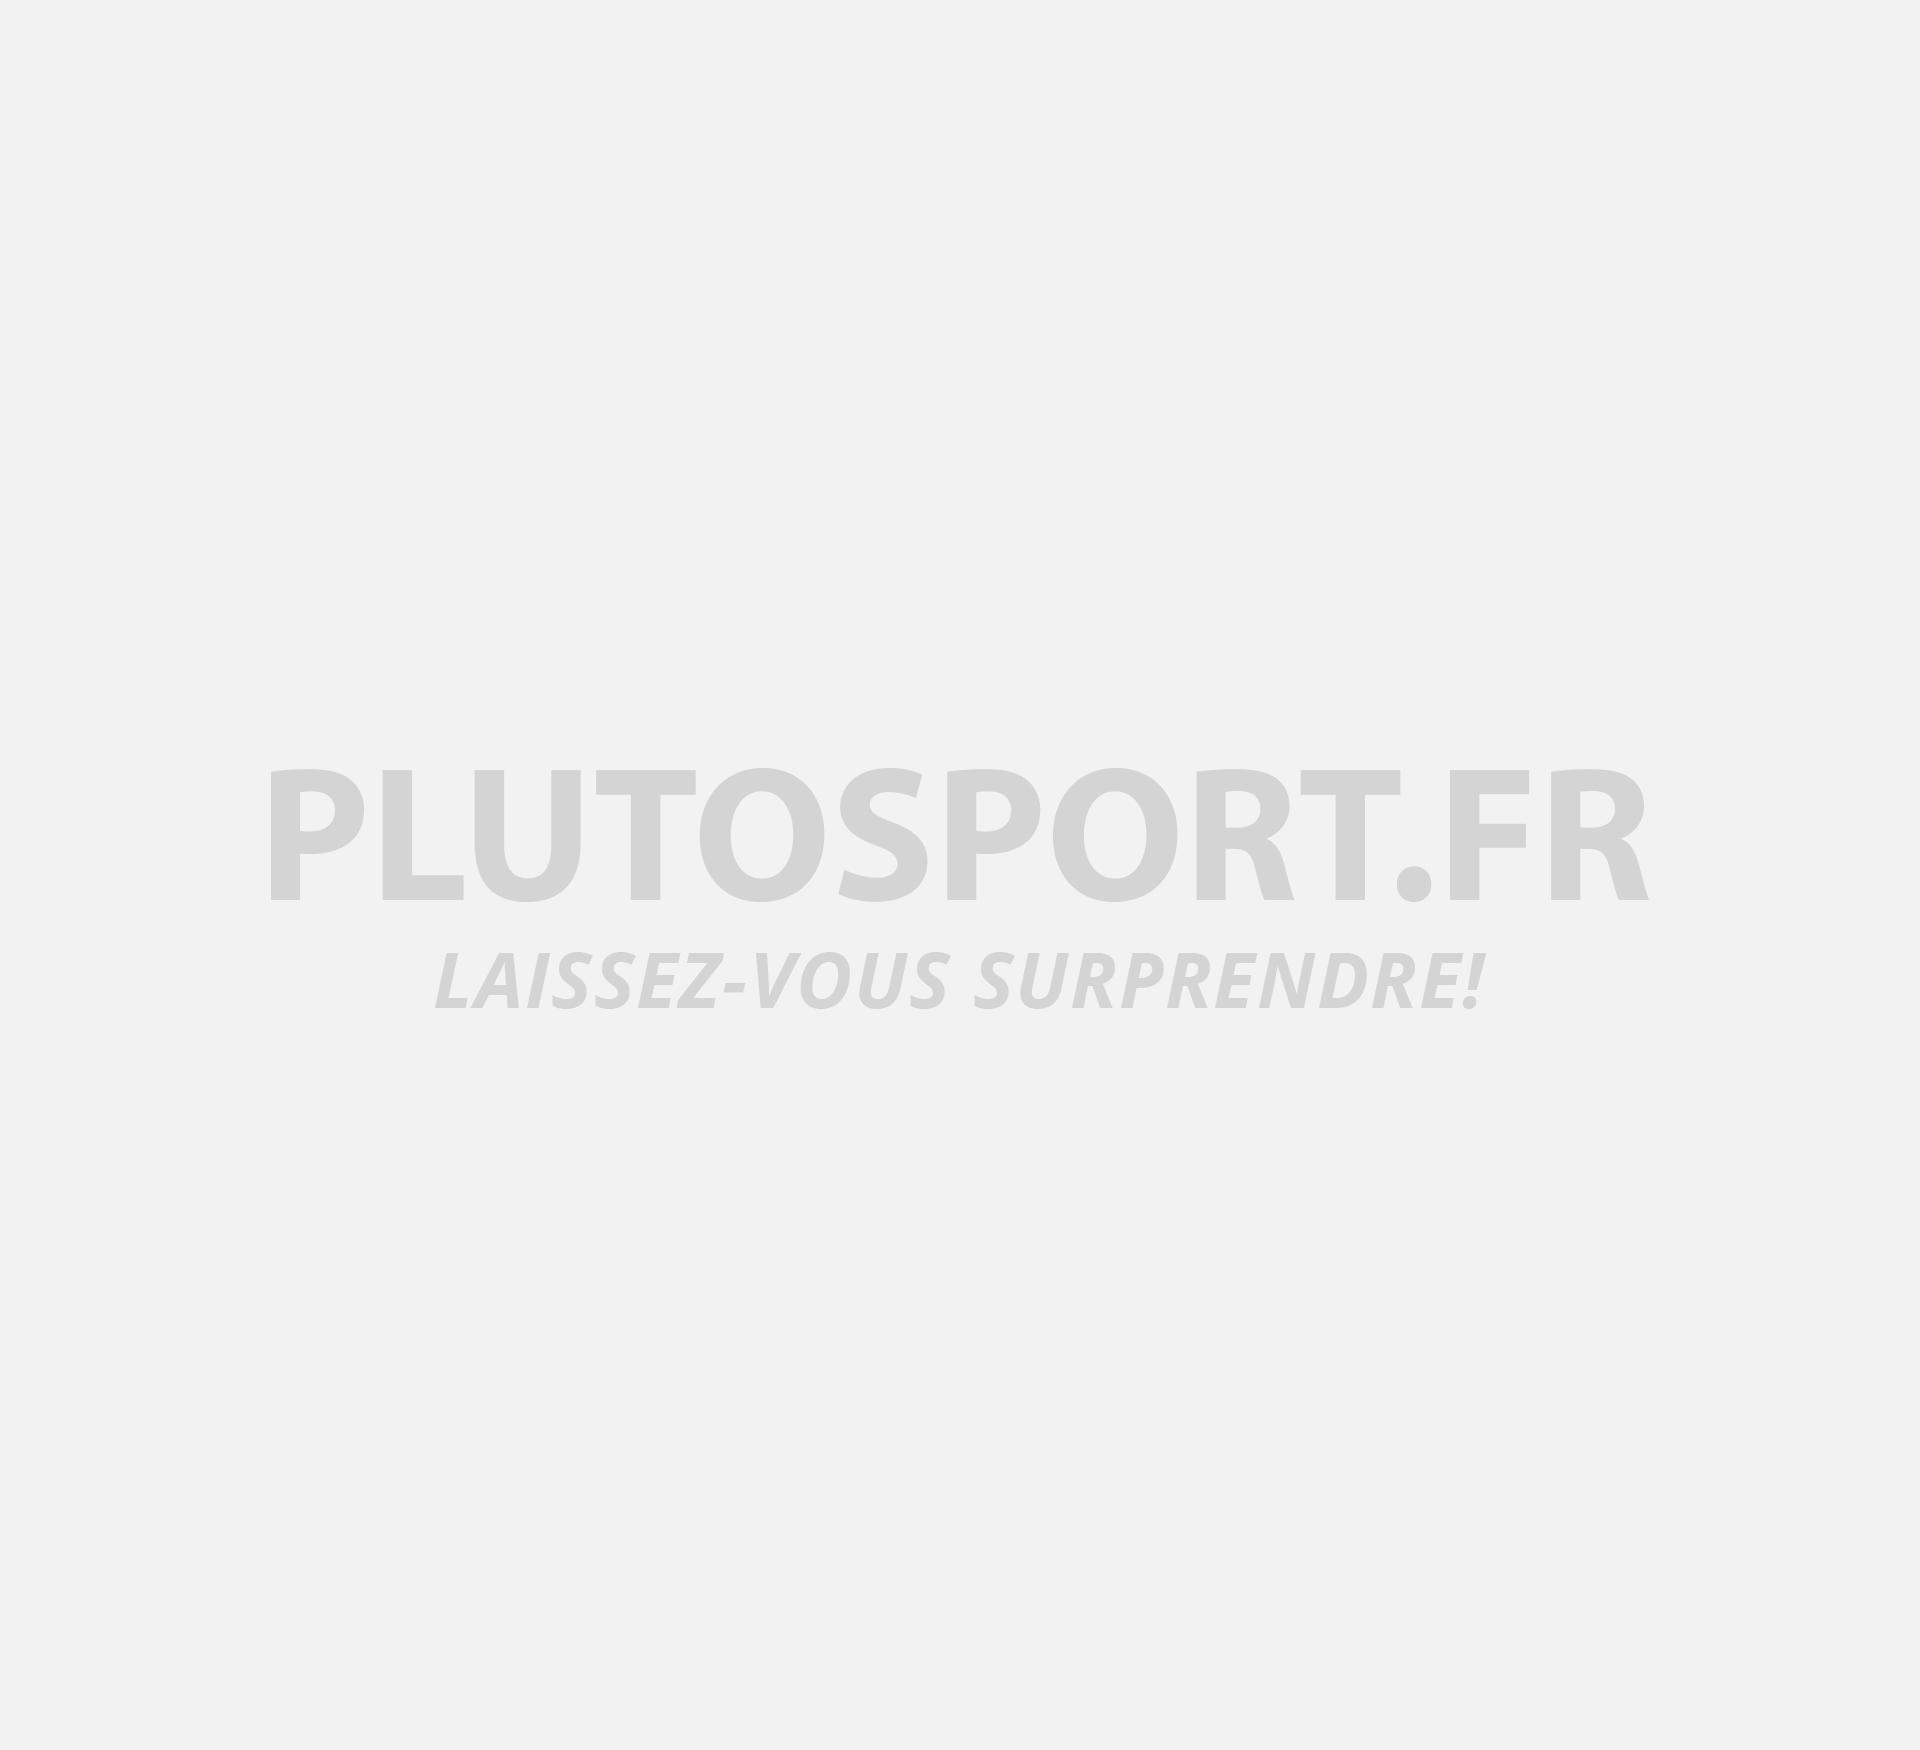 Nike Brief Boxers pour hommes (Lot de 2)